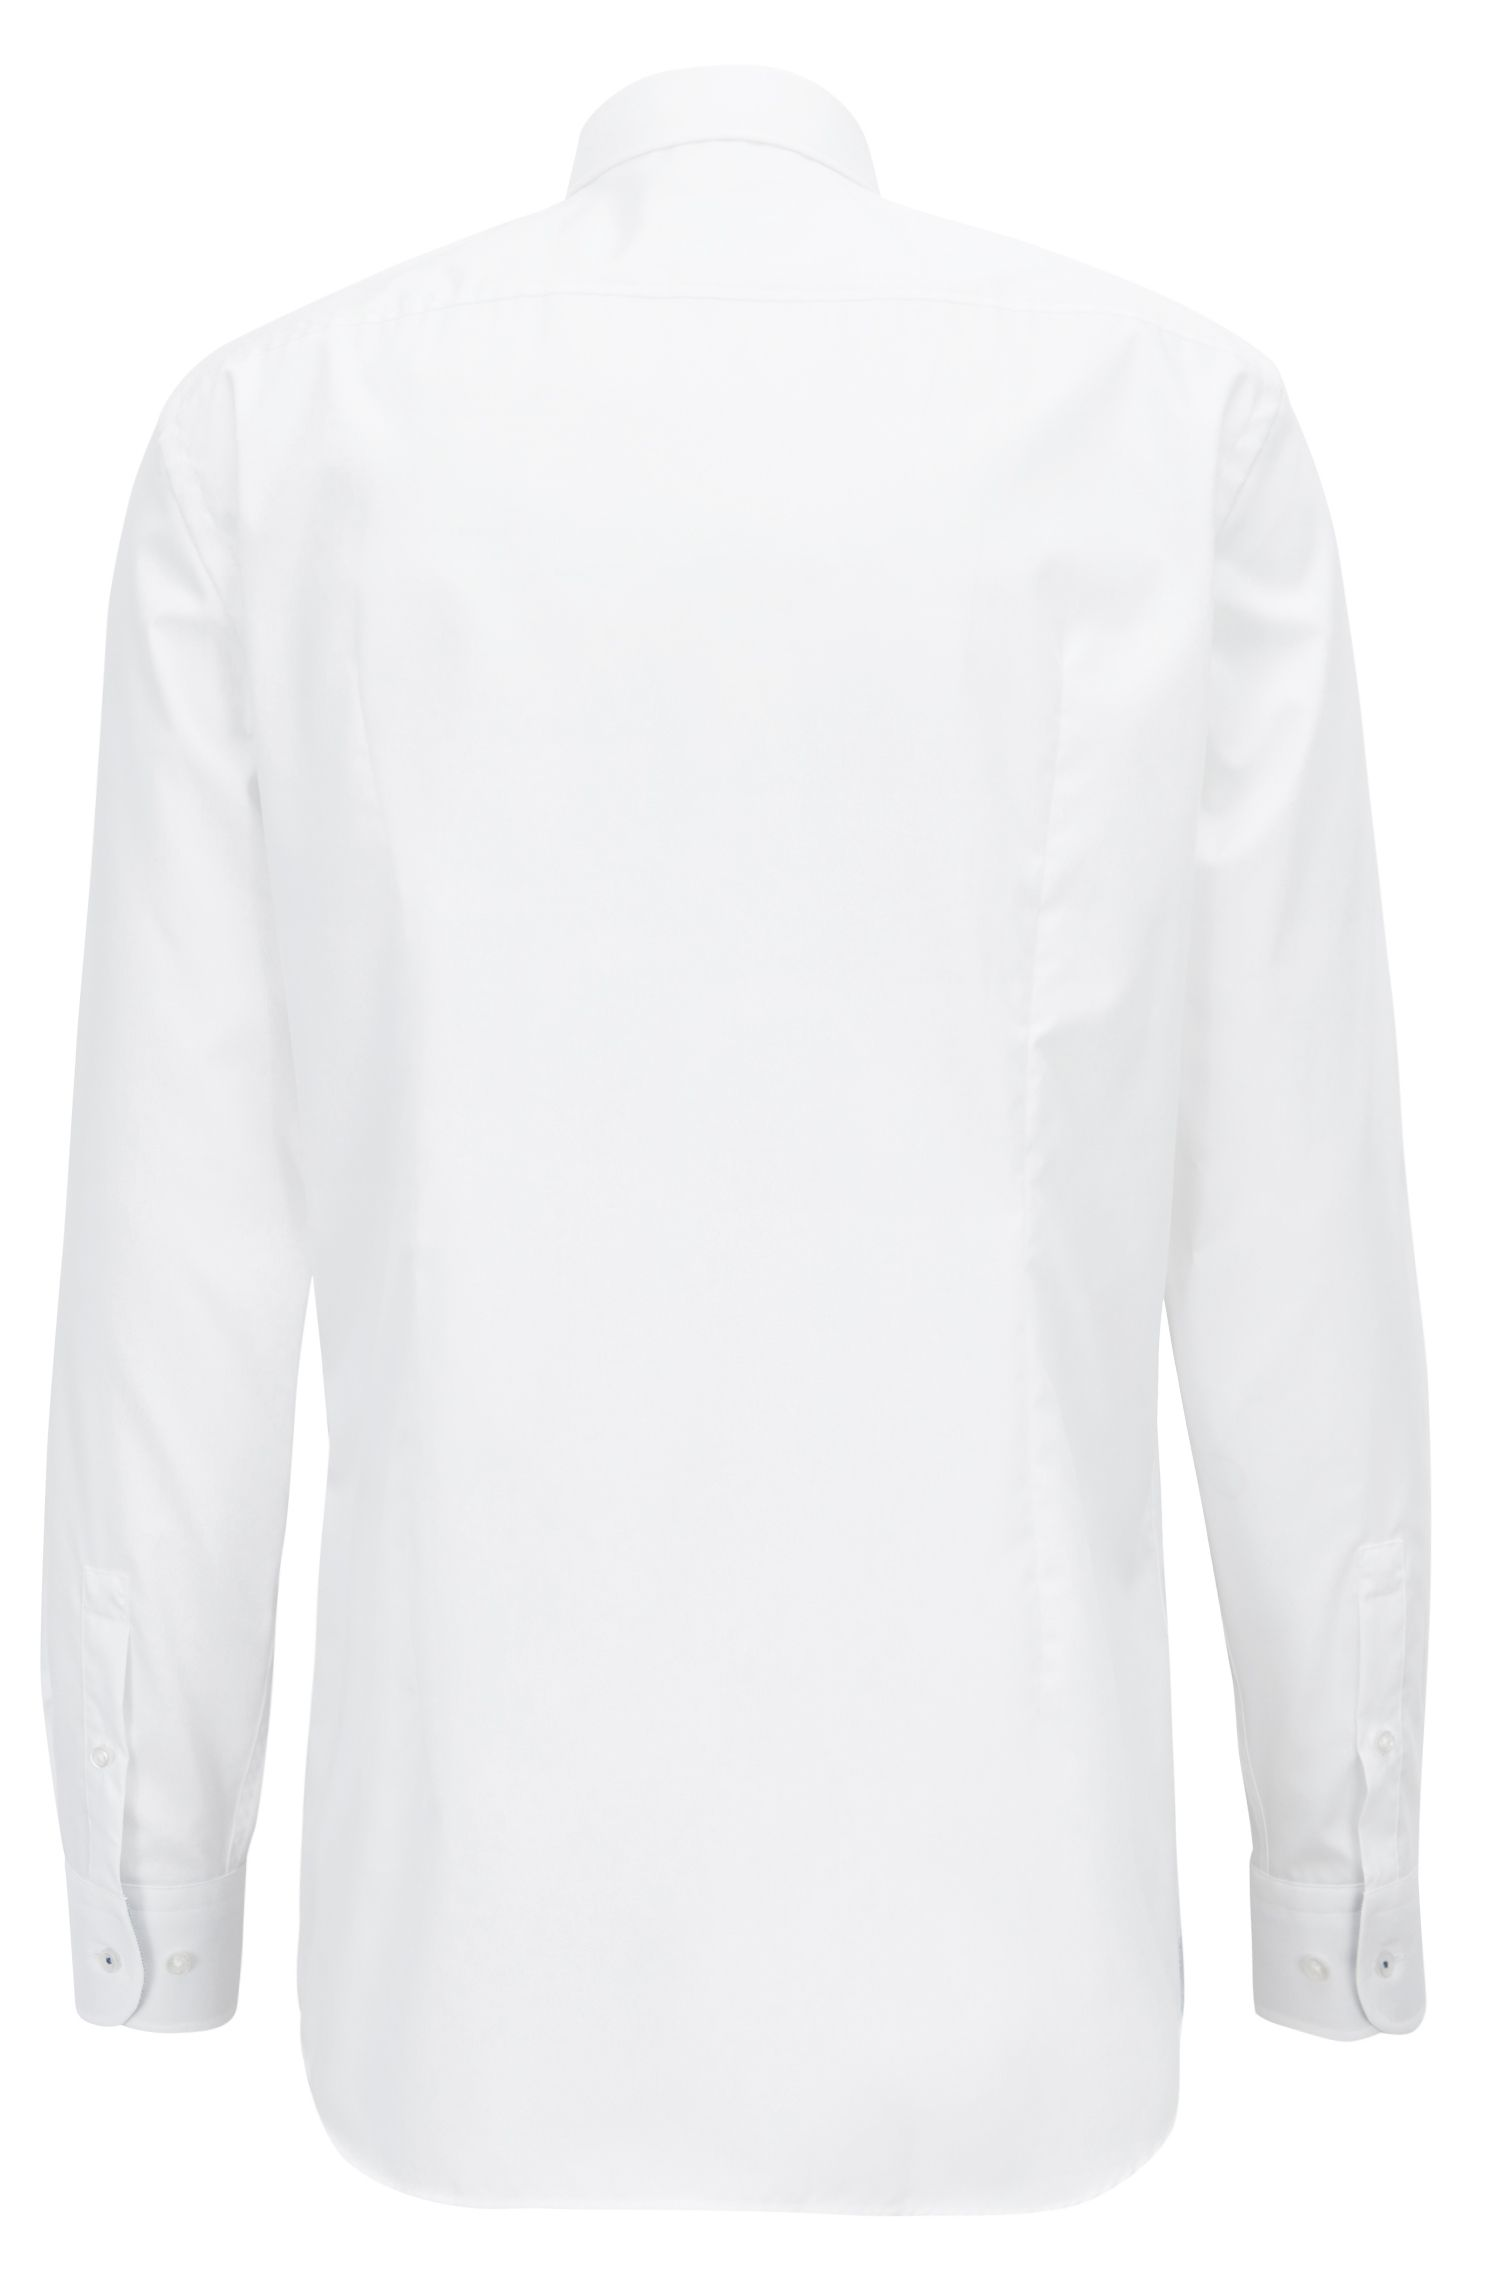 Camicia slim fit in popeline di cotone facile da stirare realizzato in Austria, Bianco